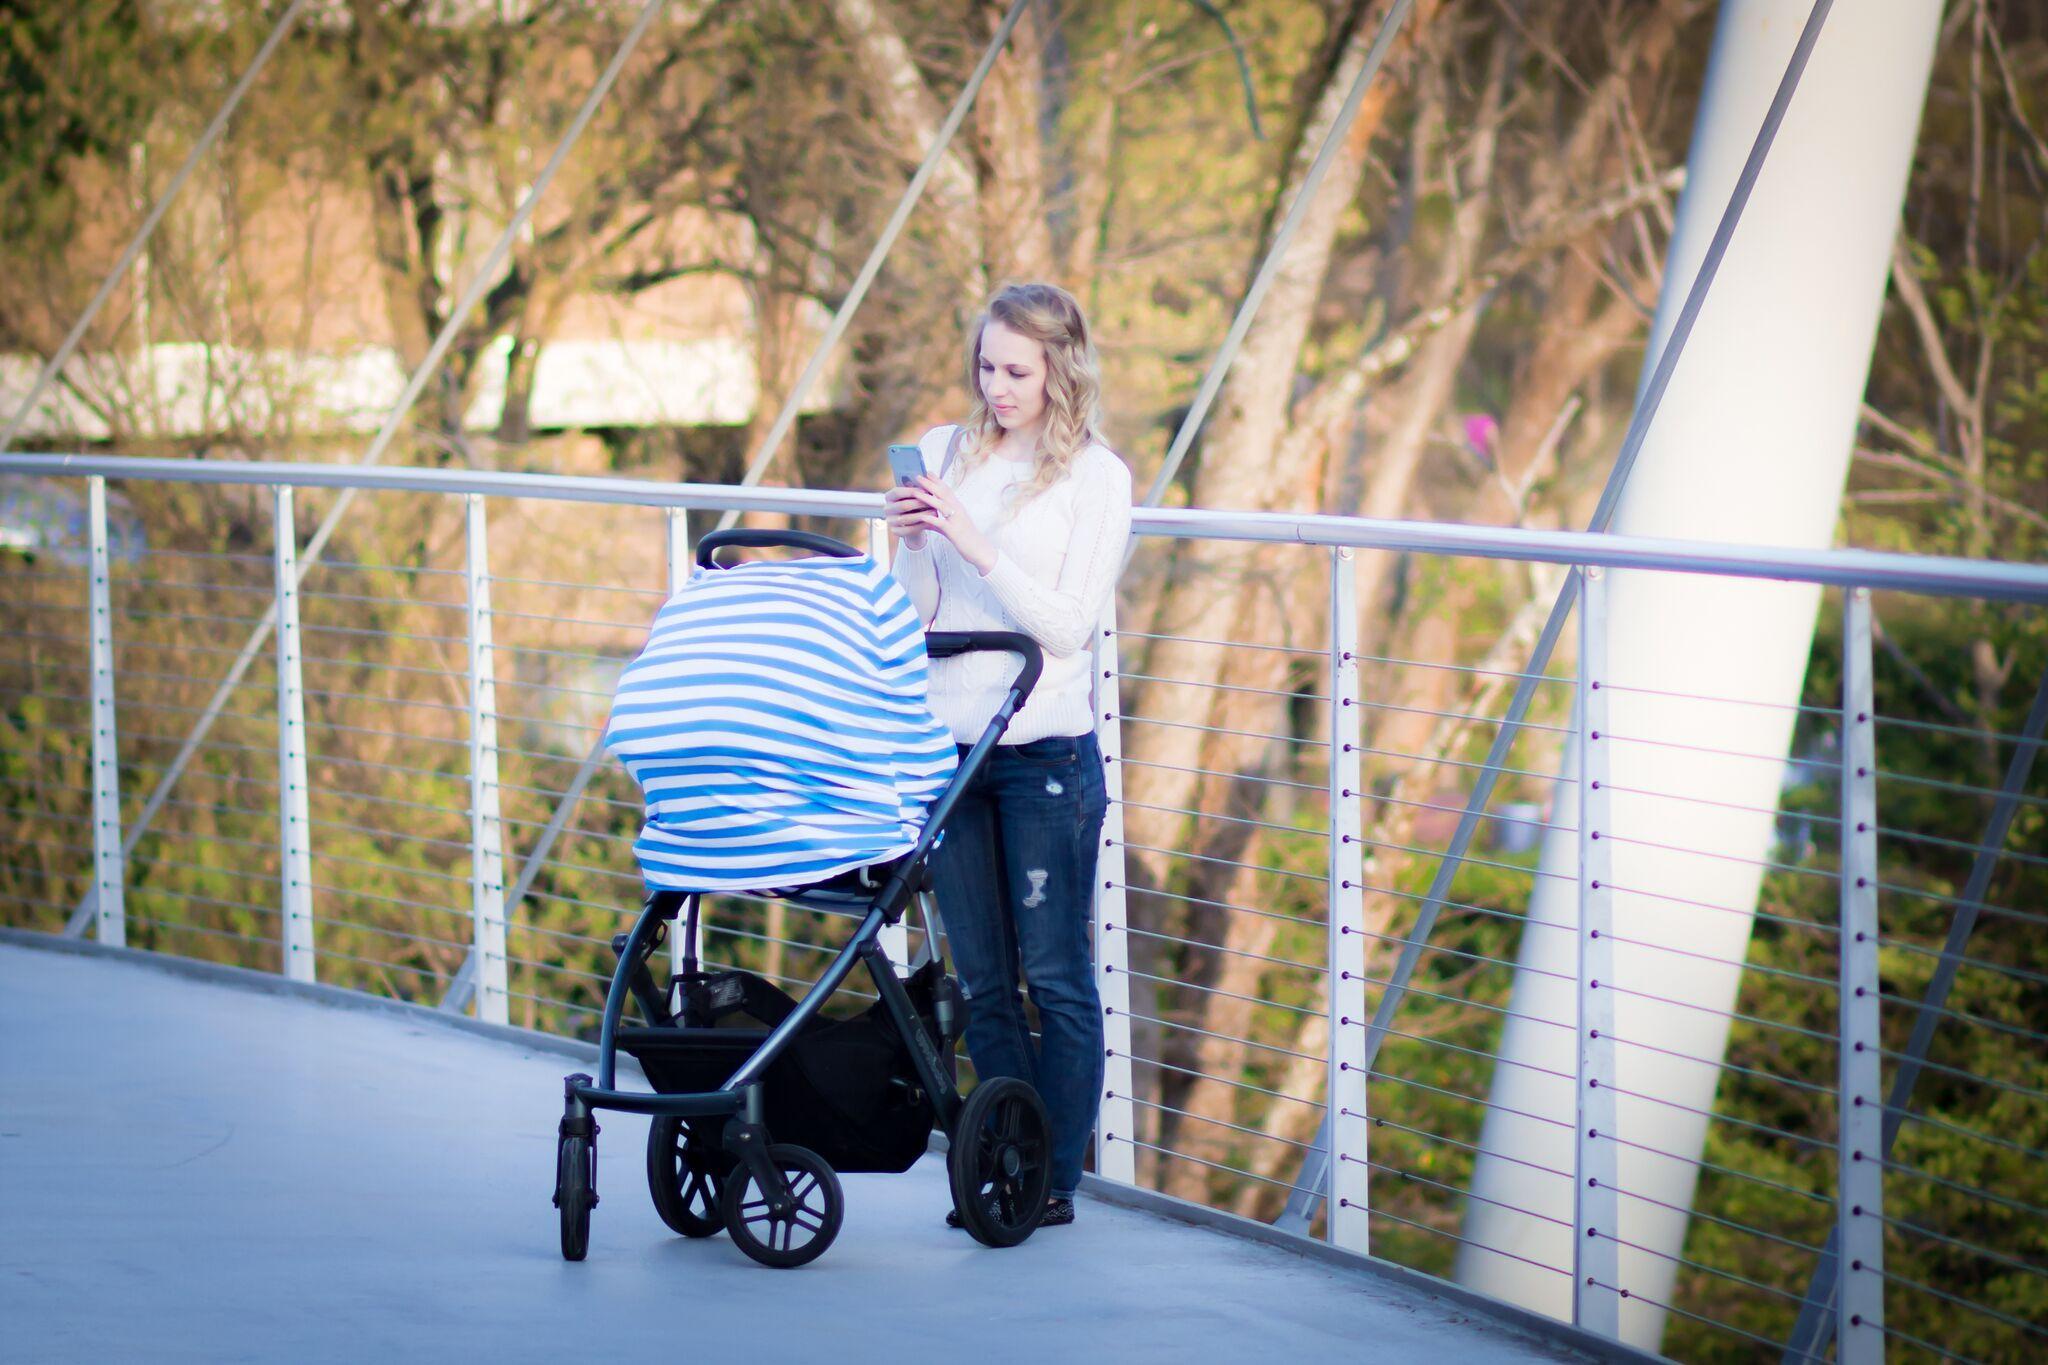 Stretchy Car Seat Cover, Nursing Cover - Multifunctional Cover, Multiuse cover, Shopping cart cover, stroller cover